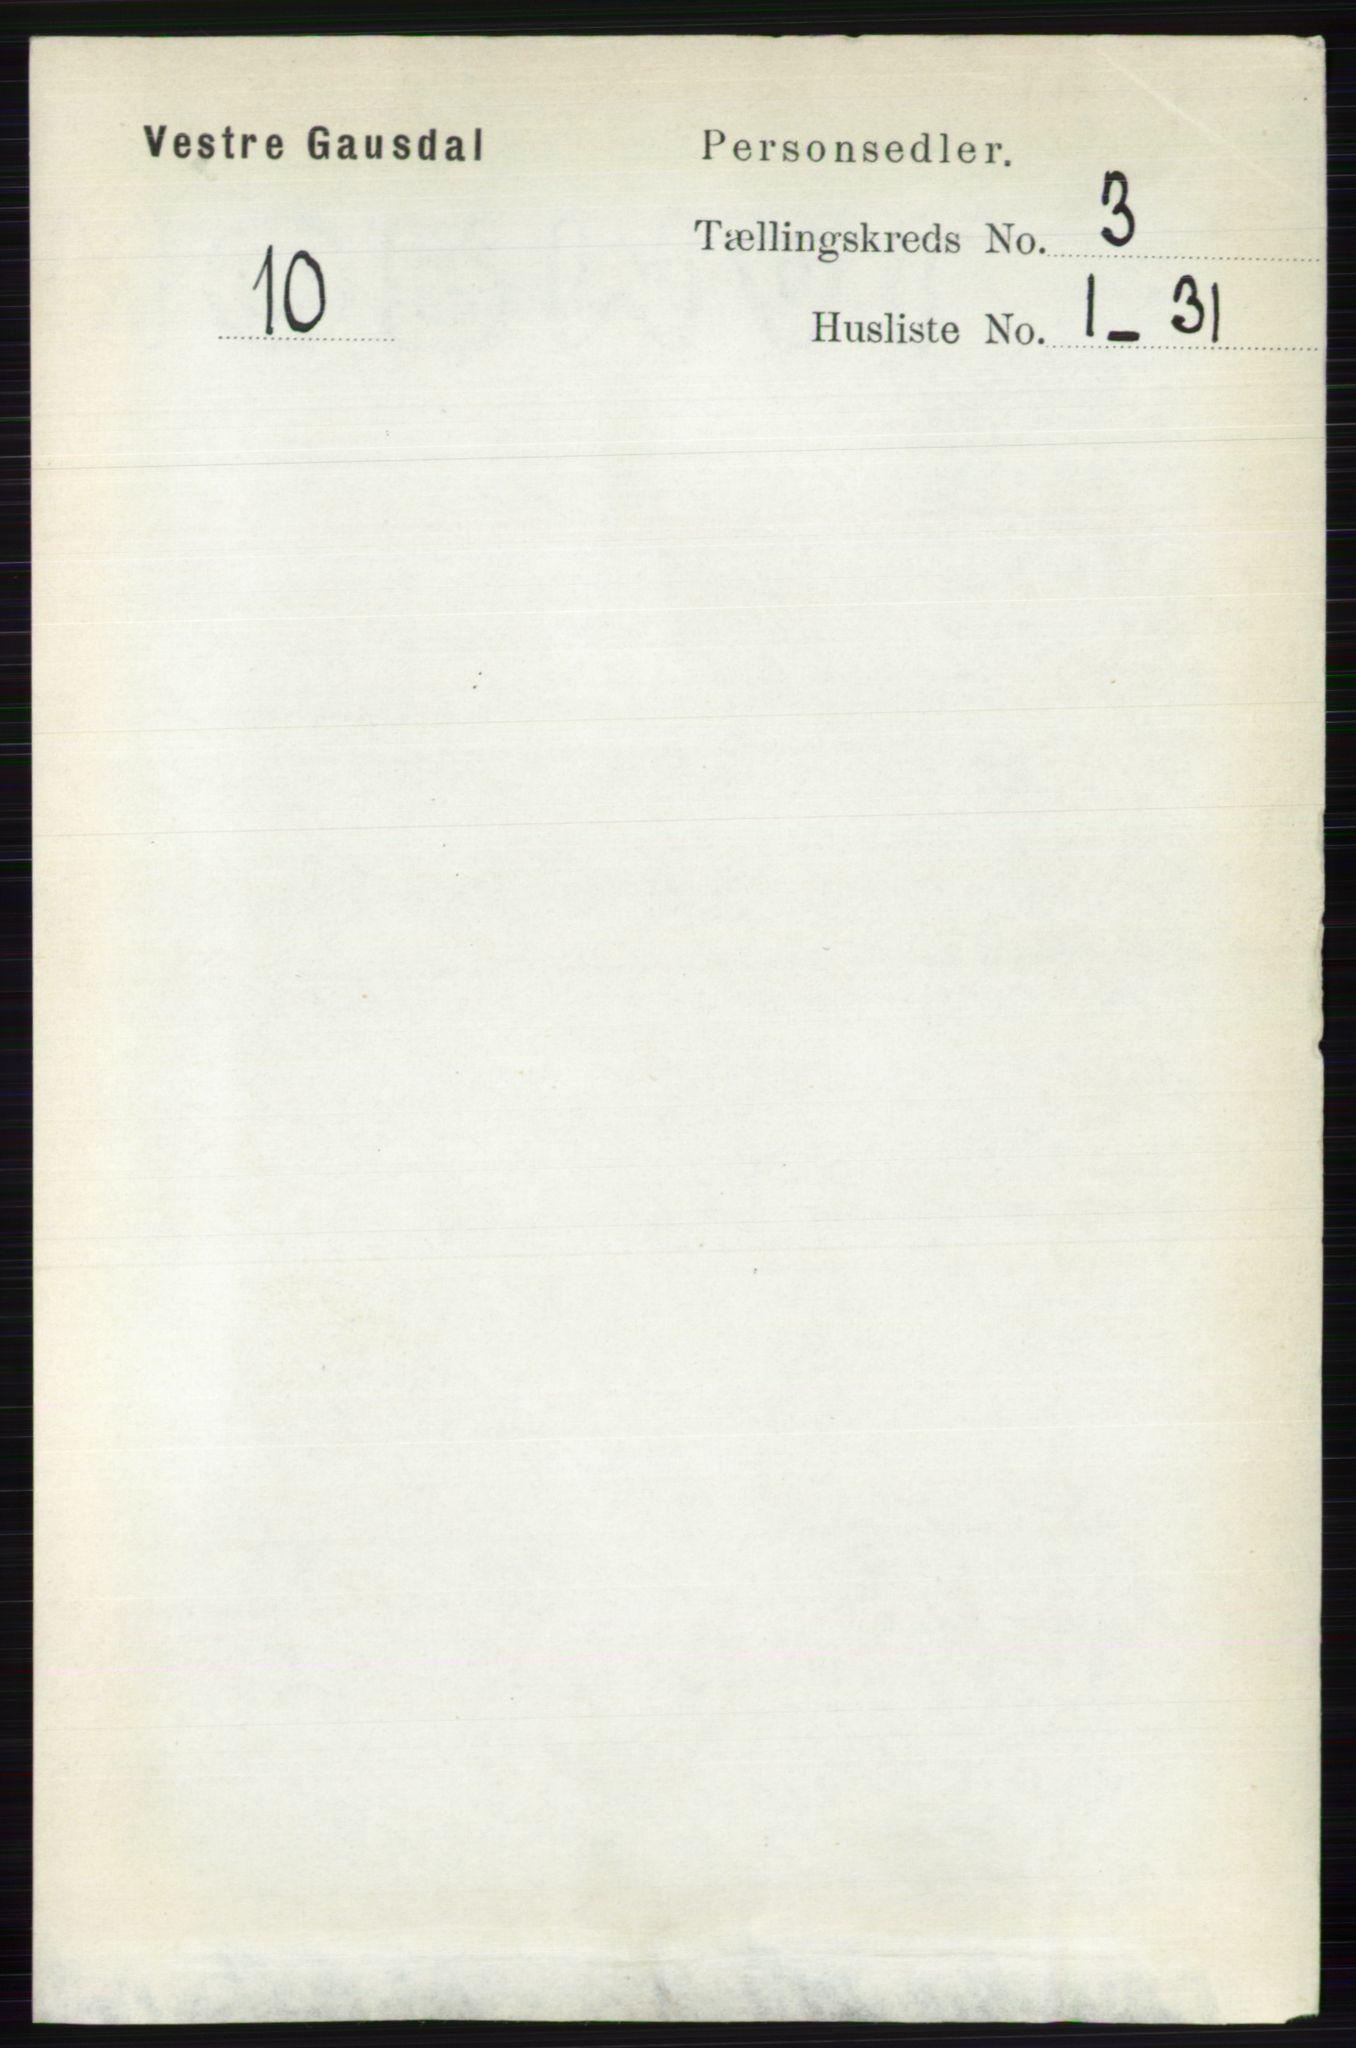 RA, Folketelling 1891 for 0523 Vestre Gausdal herred, 1891, s. 1253